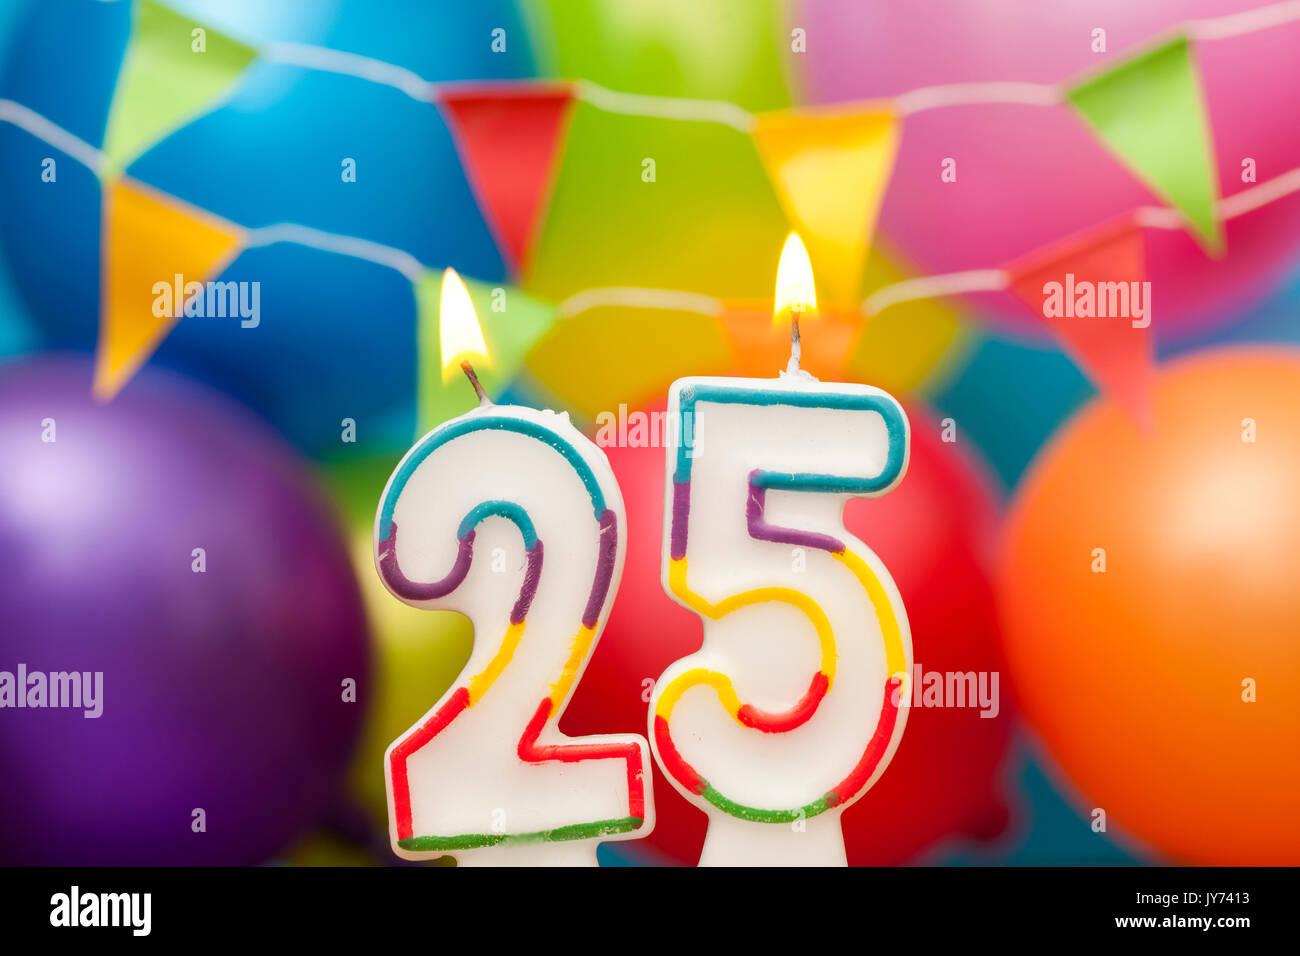 Feliz Cumpleanos Numero 25 Velas De Celebracion Con Coloridos Globos